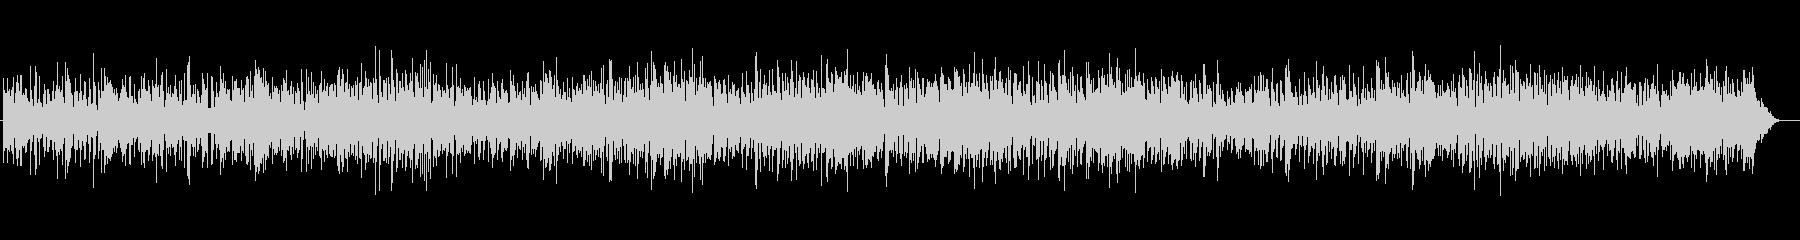 超速いスムースジャズの未再生の波形